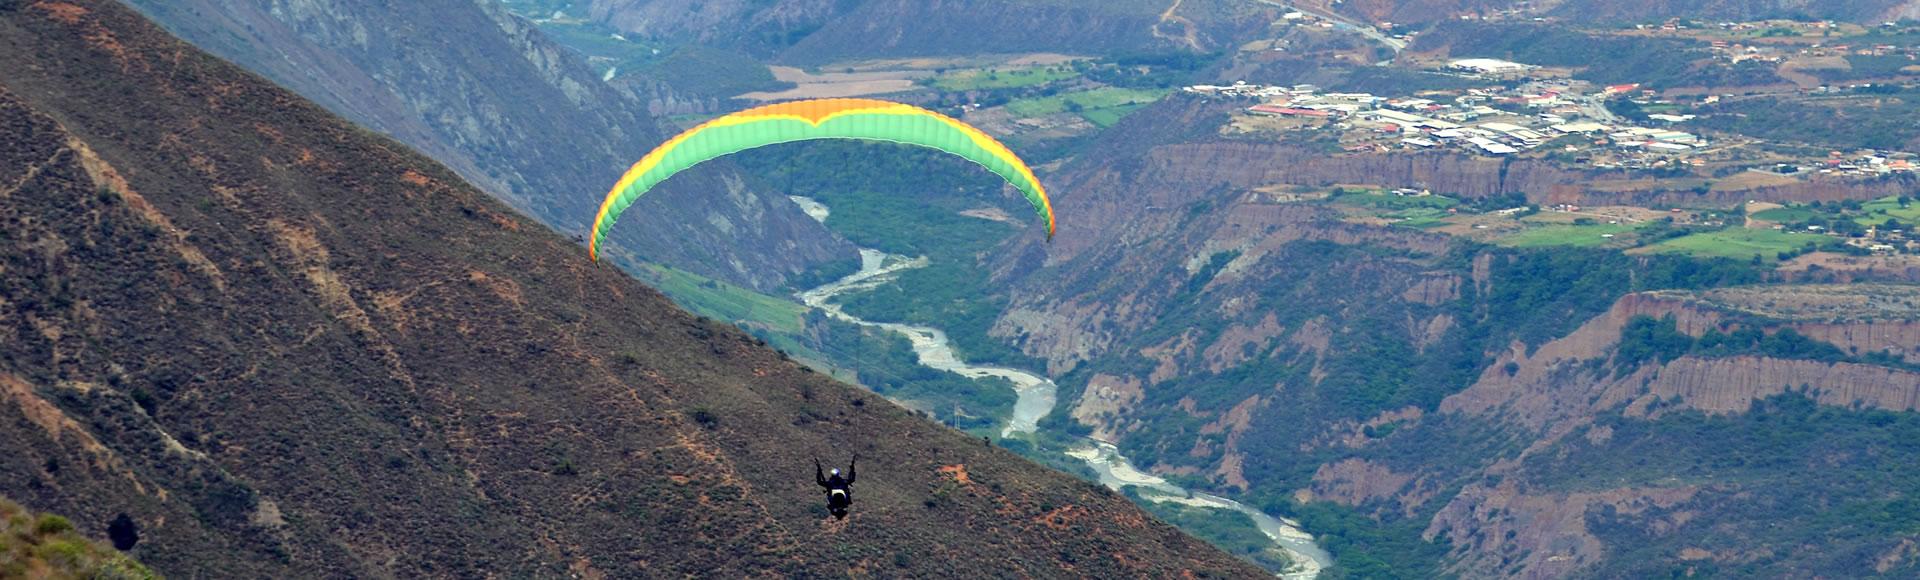 Vuelo en Parapente 6to Aniversario Sierra Nevada de Mérida